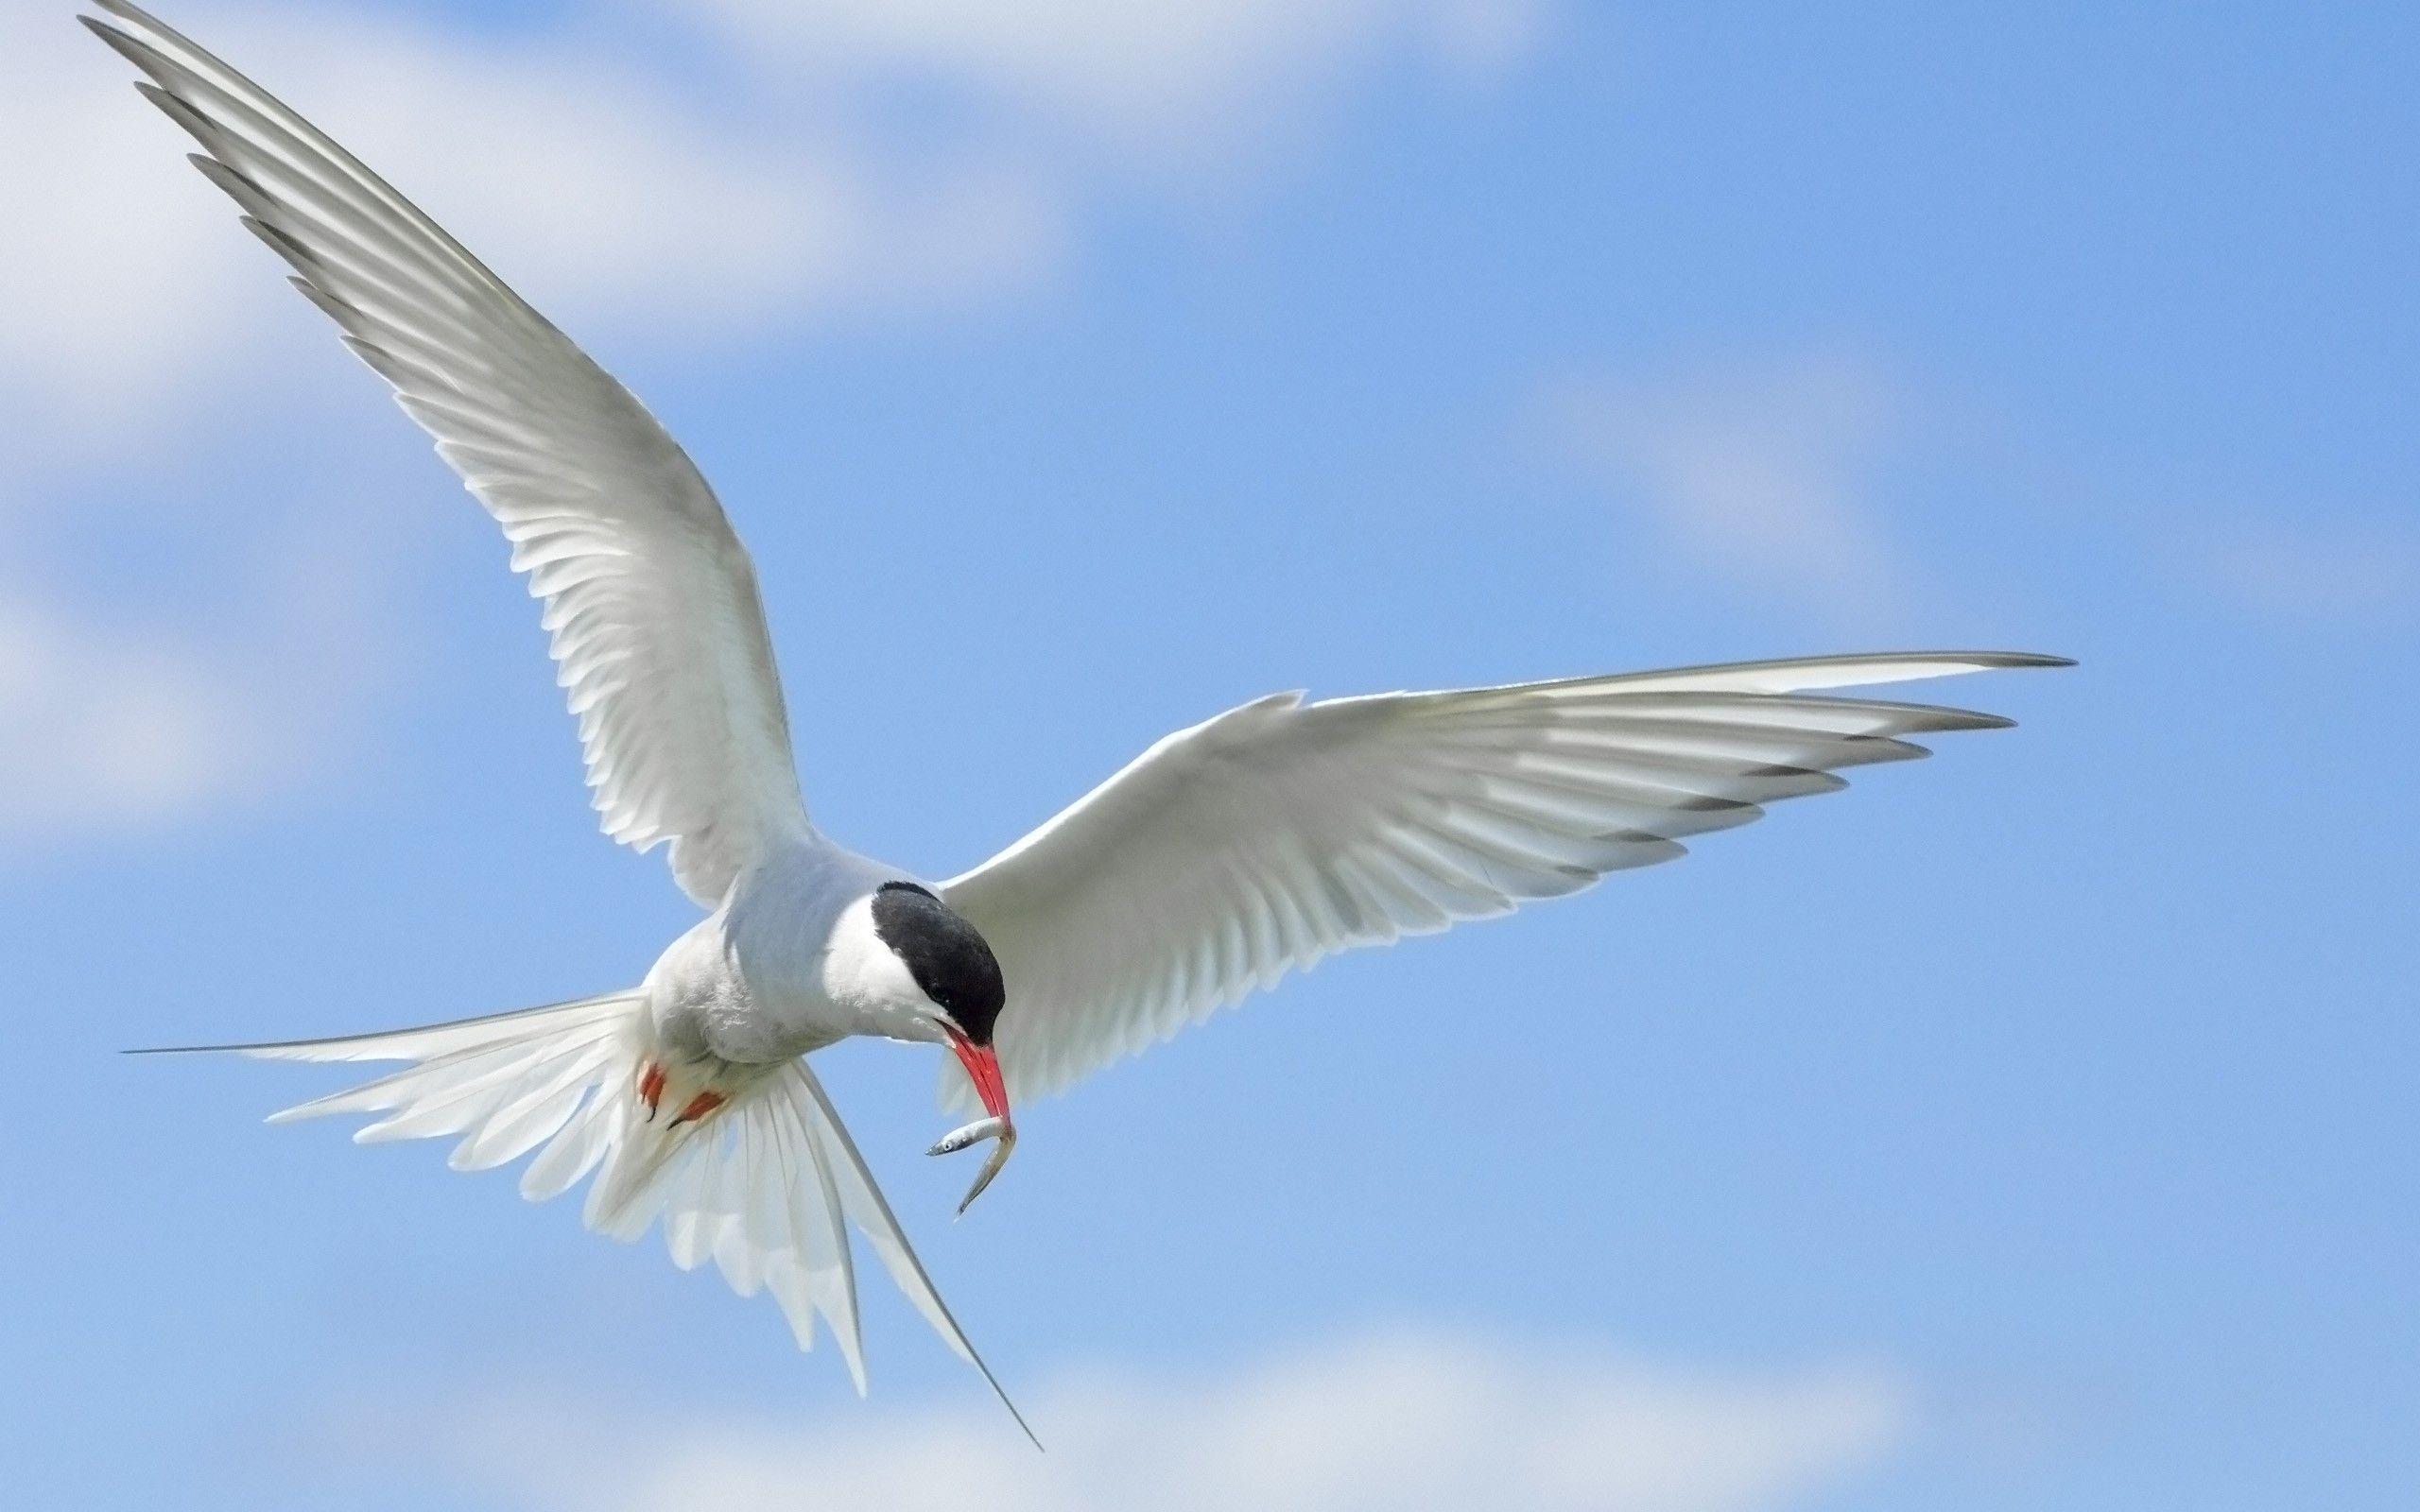 2560x1600 Wallpaper birds, flying, sky, wings, flap